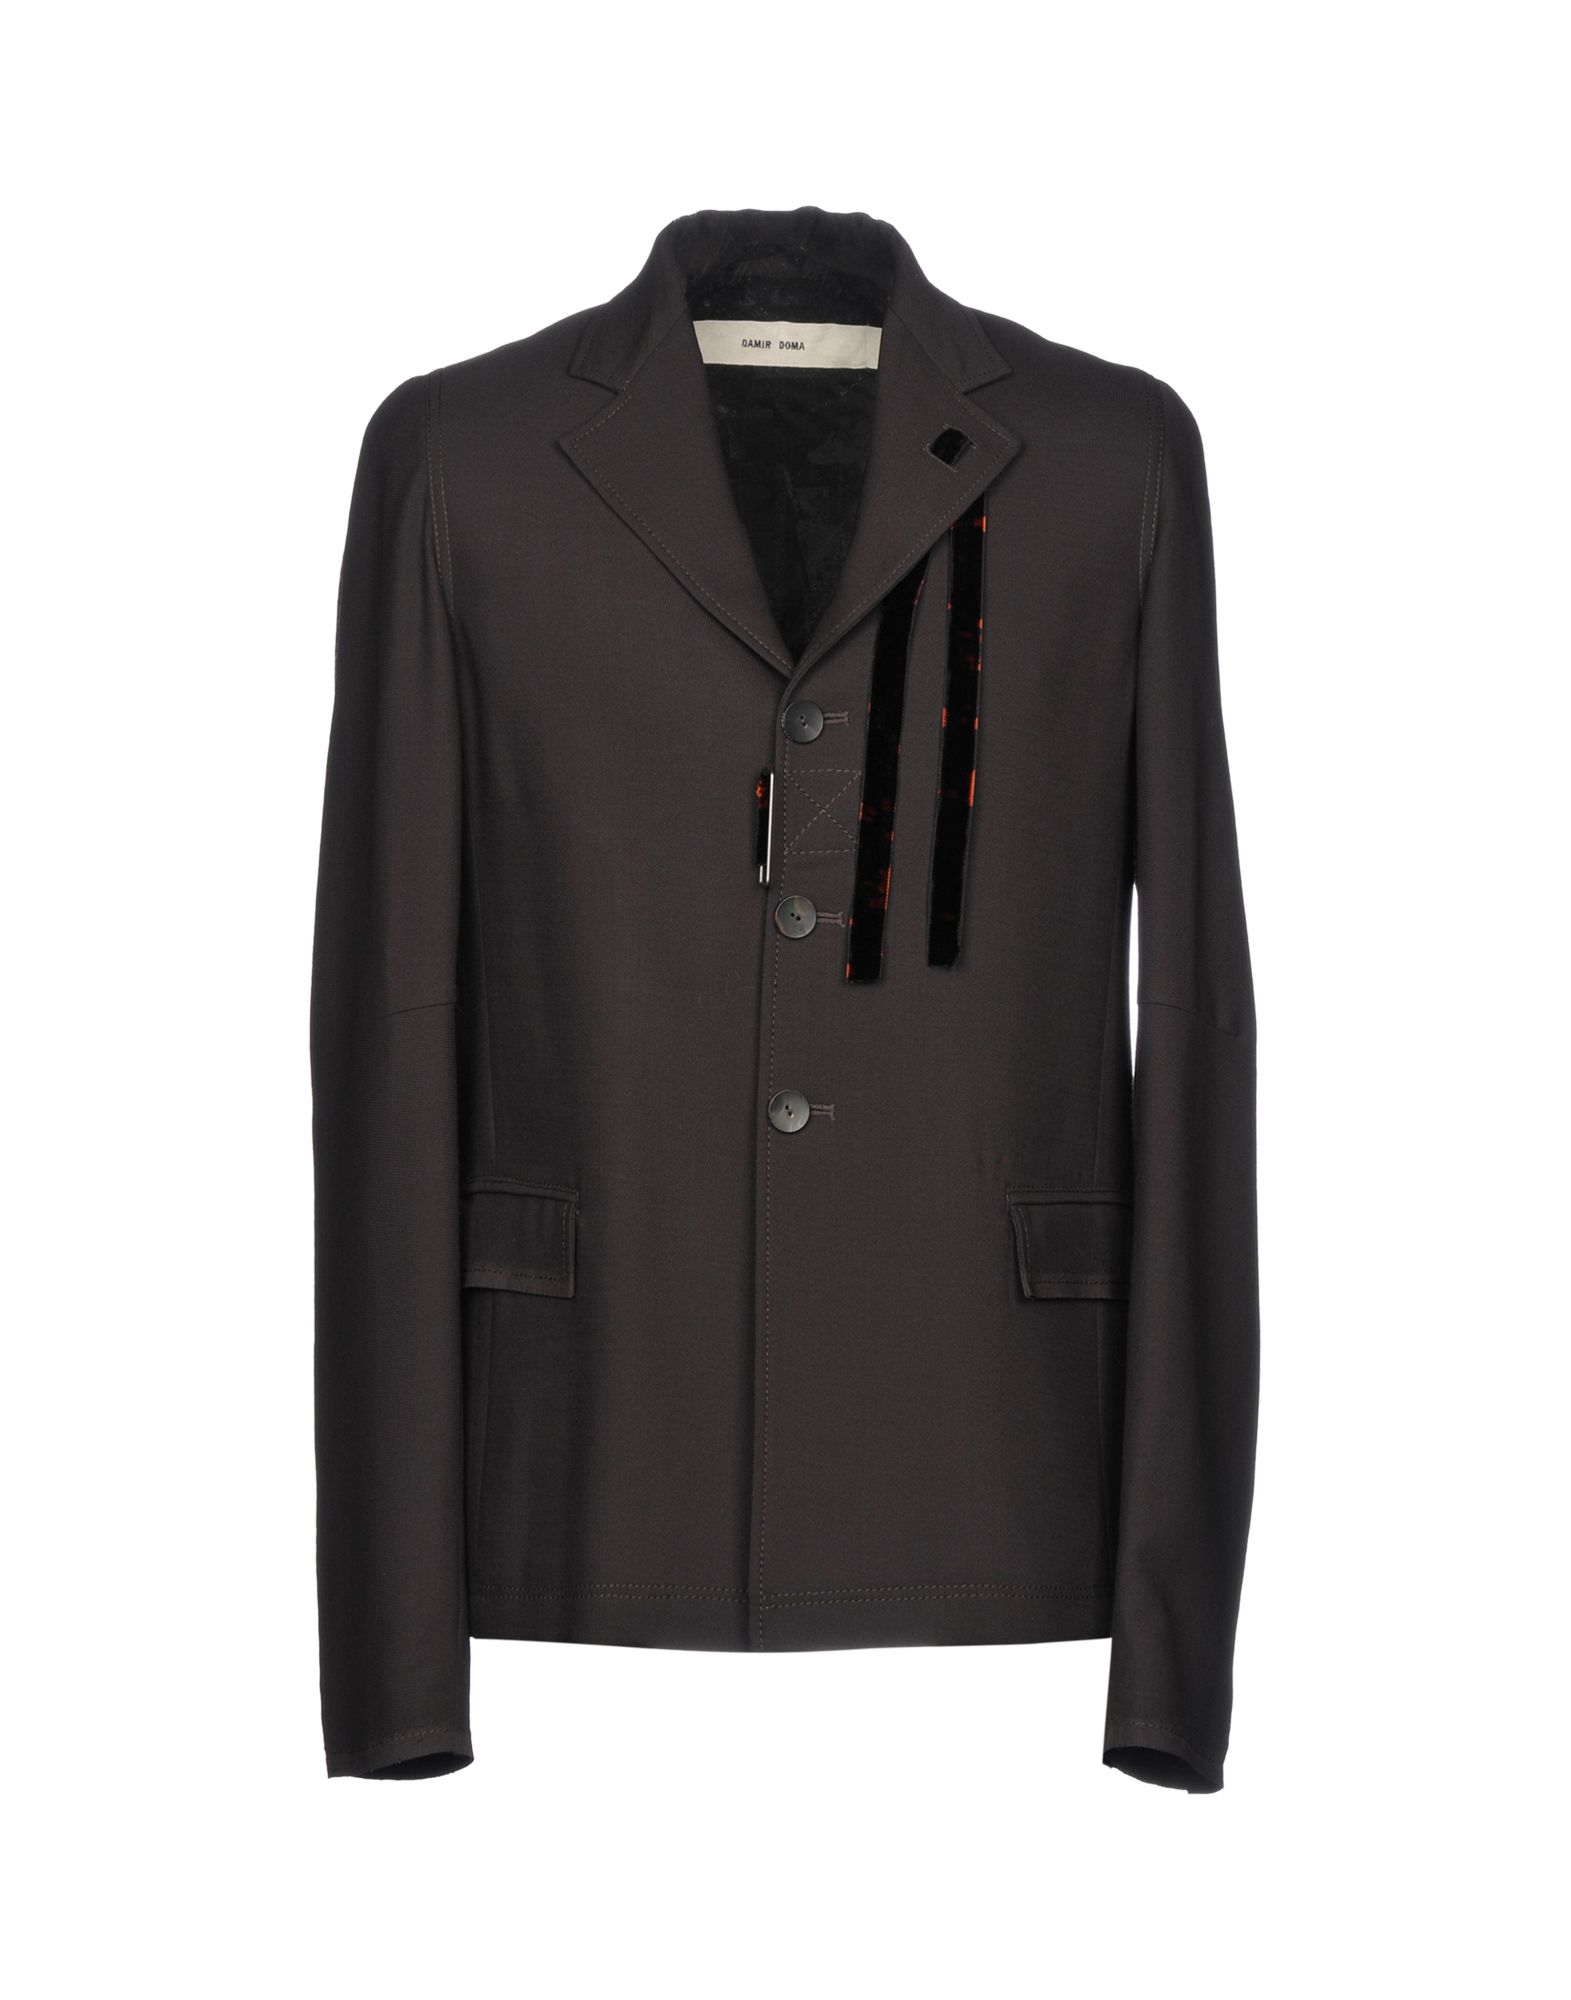 《送料無料》DAMIR DOMA メンズ テーラードジャケット ダークブラウン M バージンウール 100%